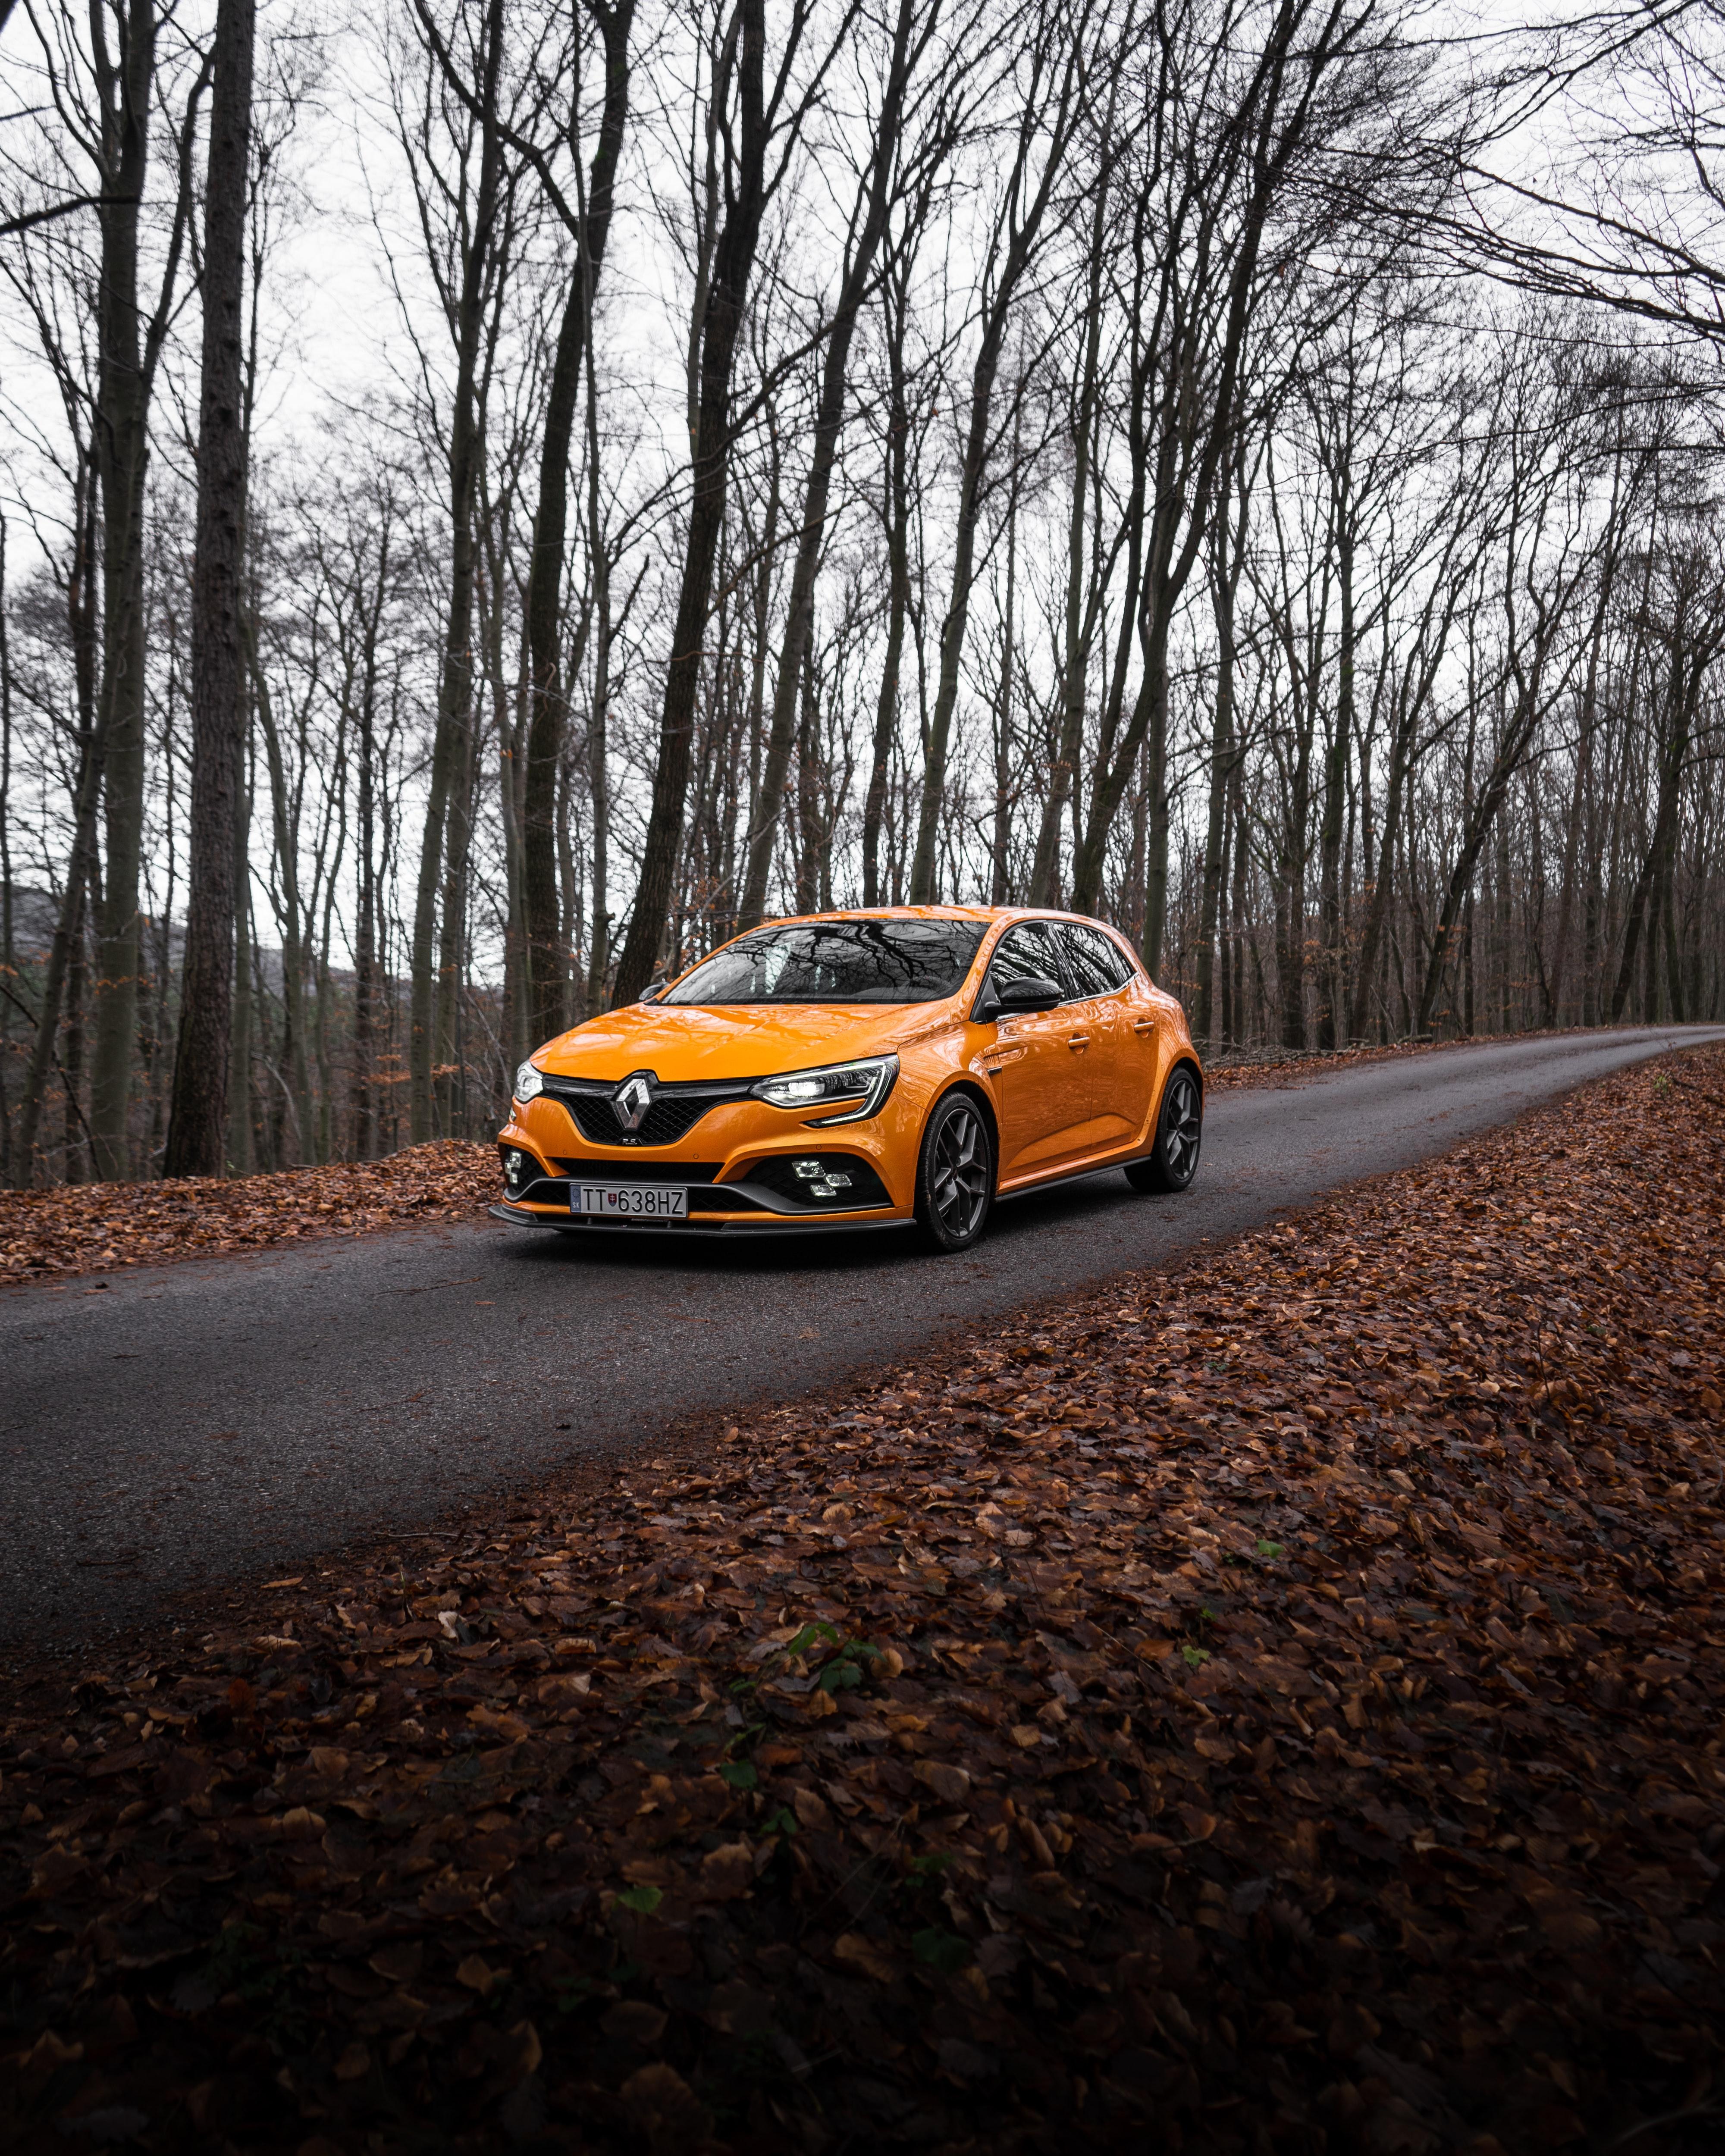 130858 Hintergrundbild herunterladen Auto, Renault, Cars, Straße, Wagen, Asphalt, Renault Megane - Bildschirmschoner und Bilder kostenlos